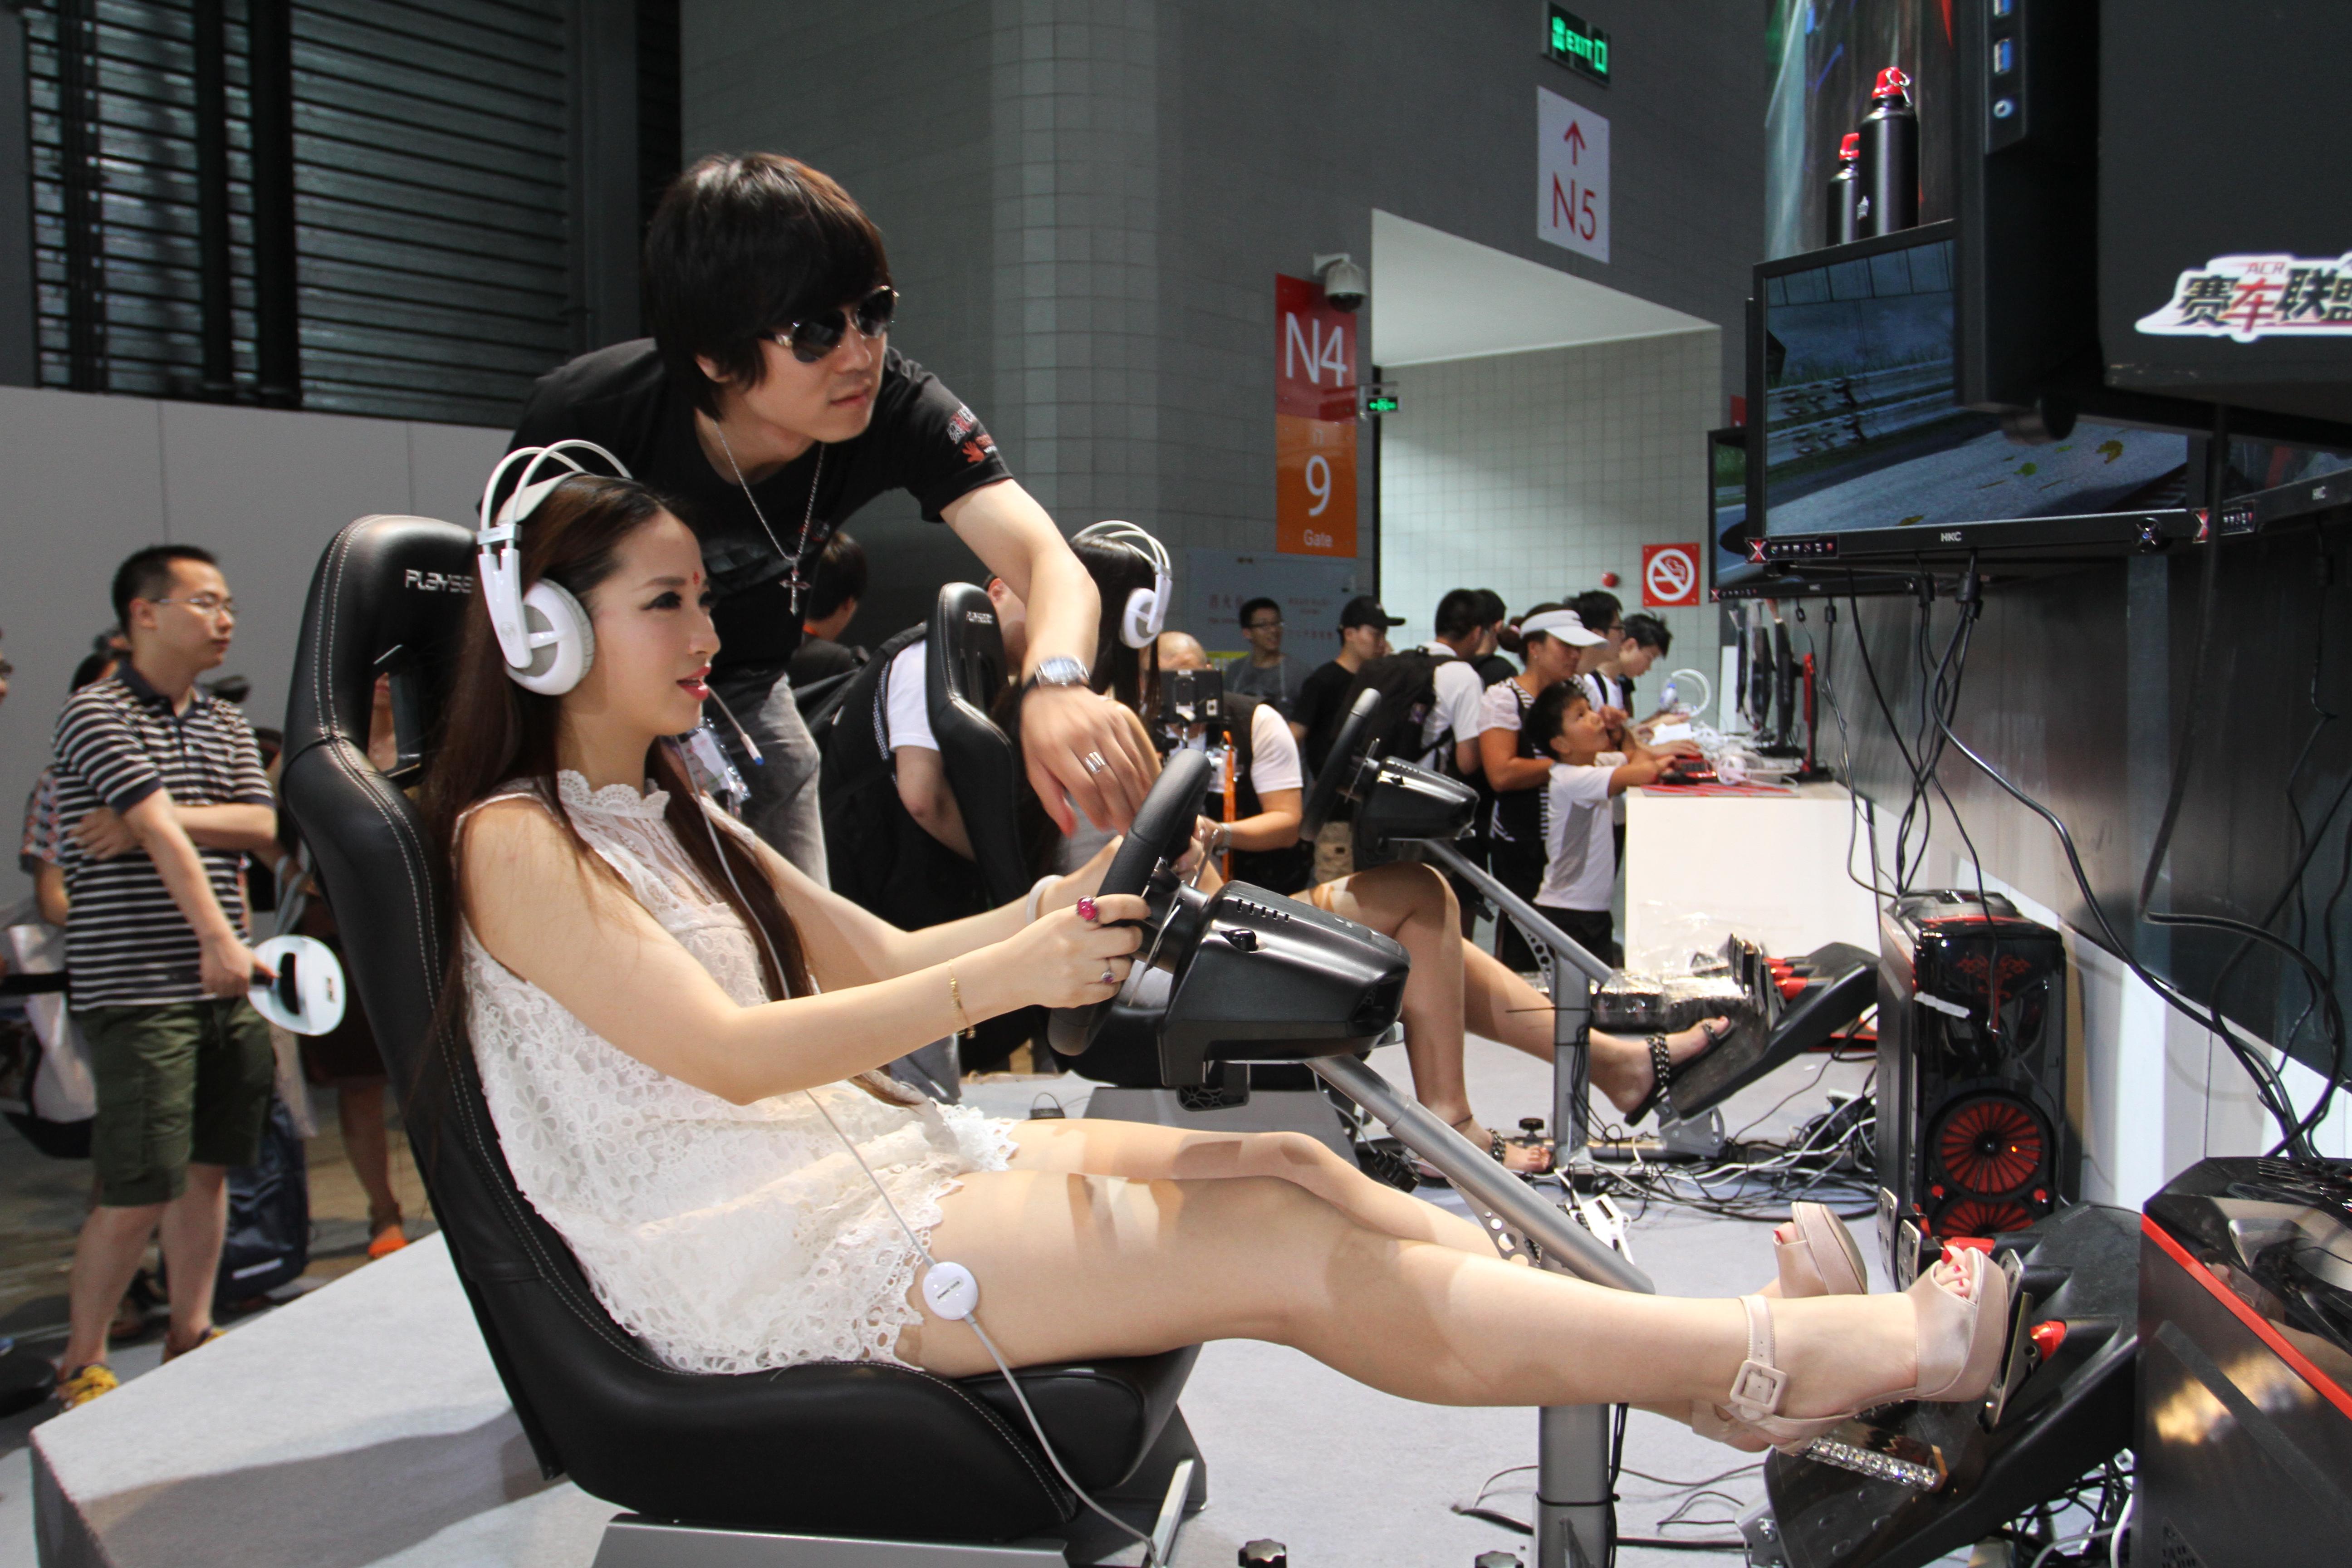 美女玩家在体验《赛车联盟》